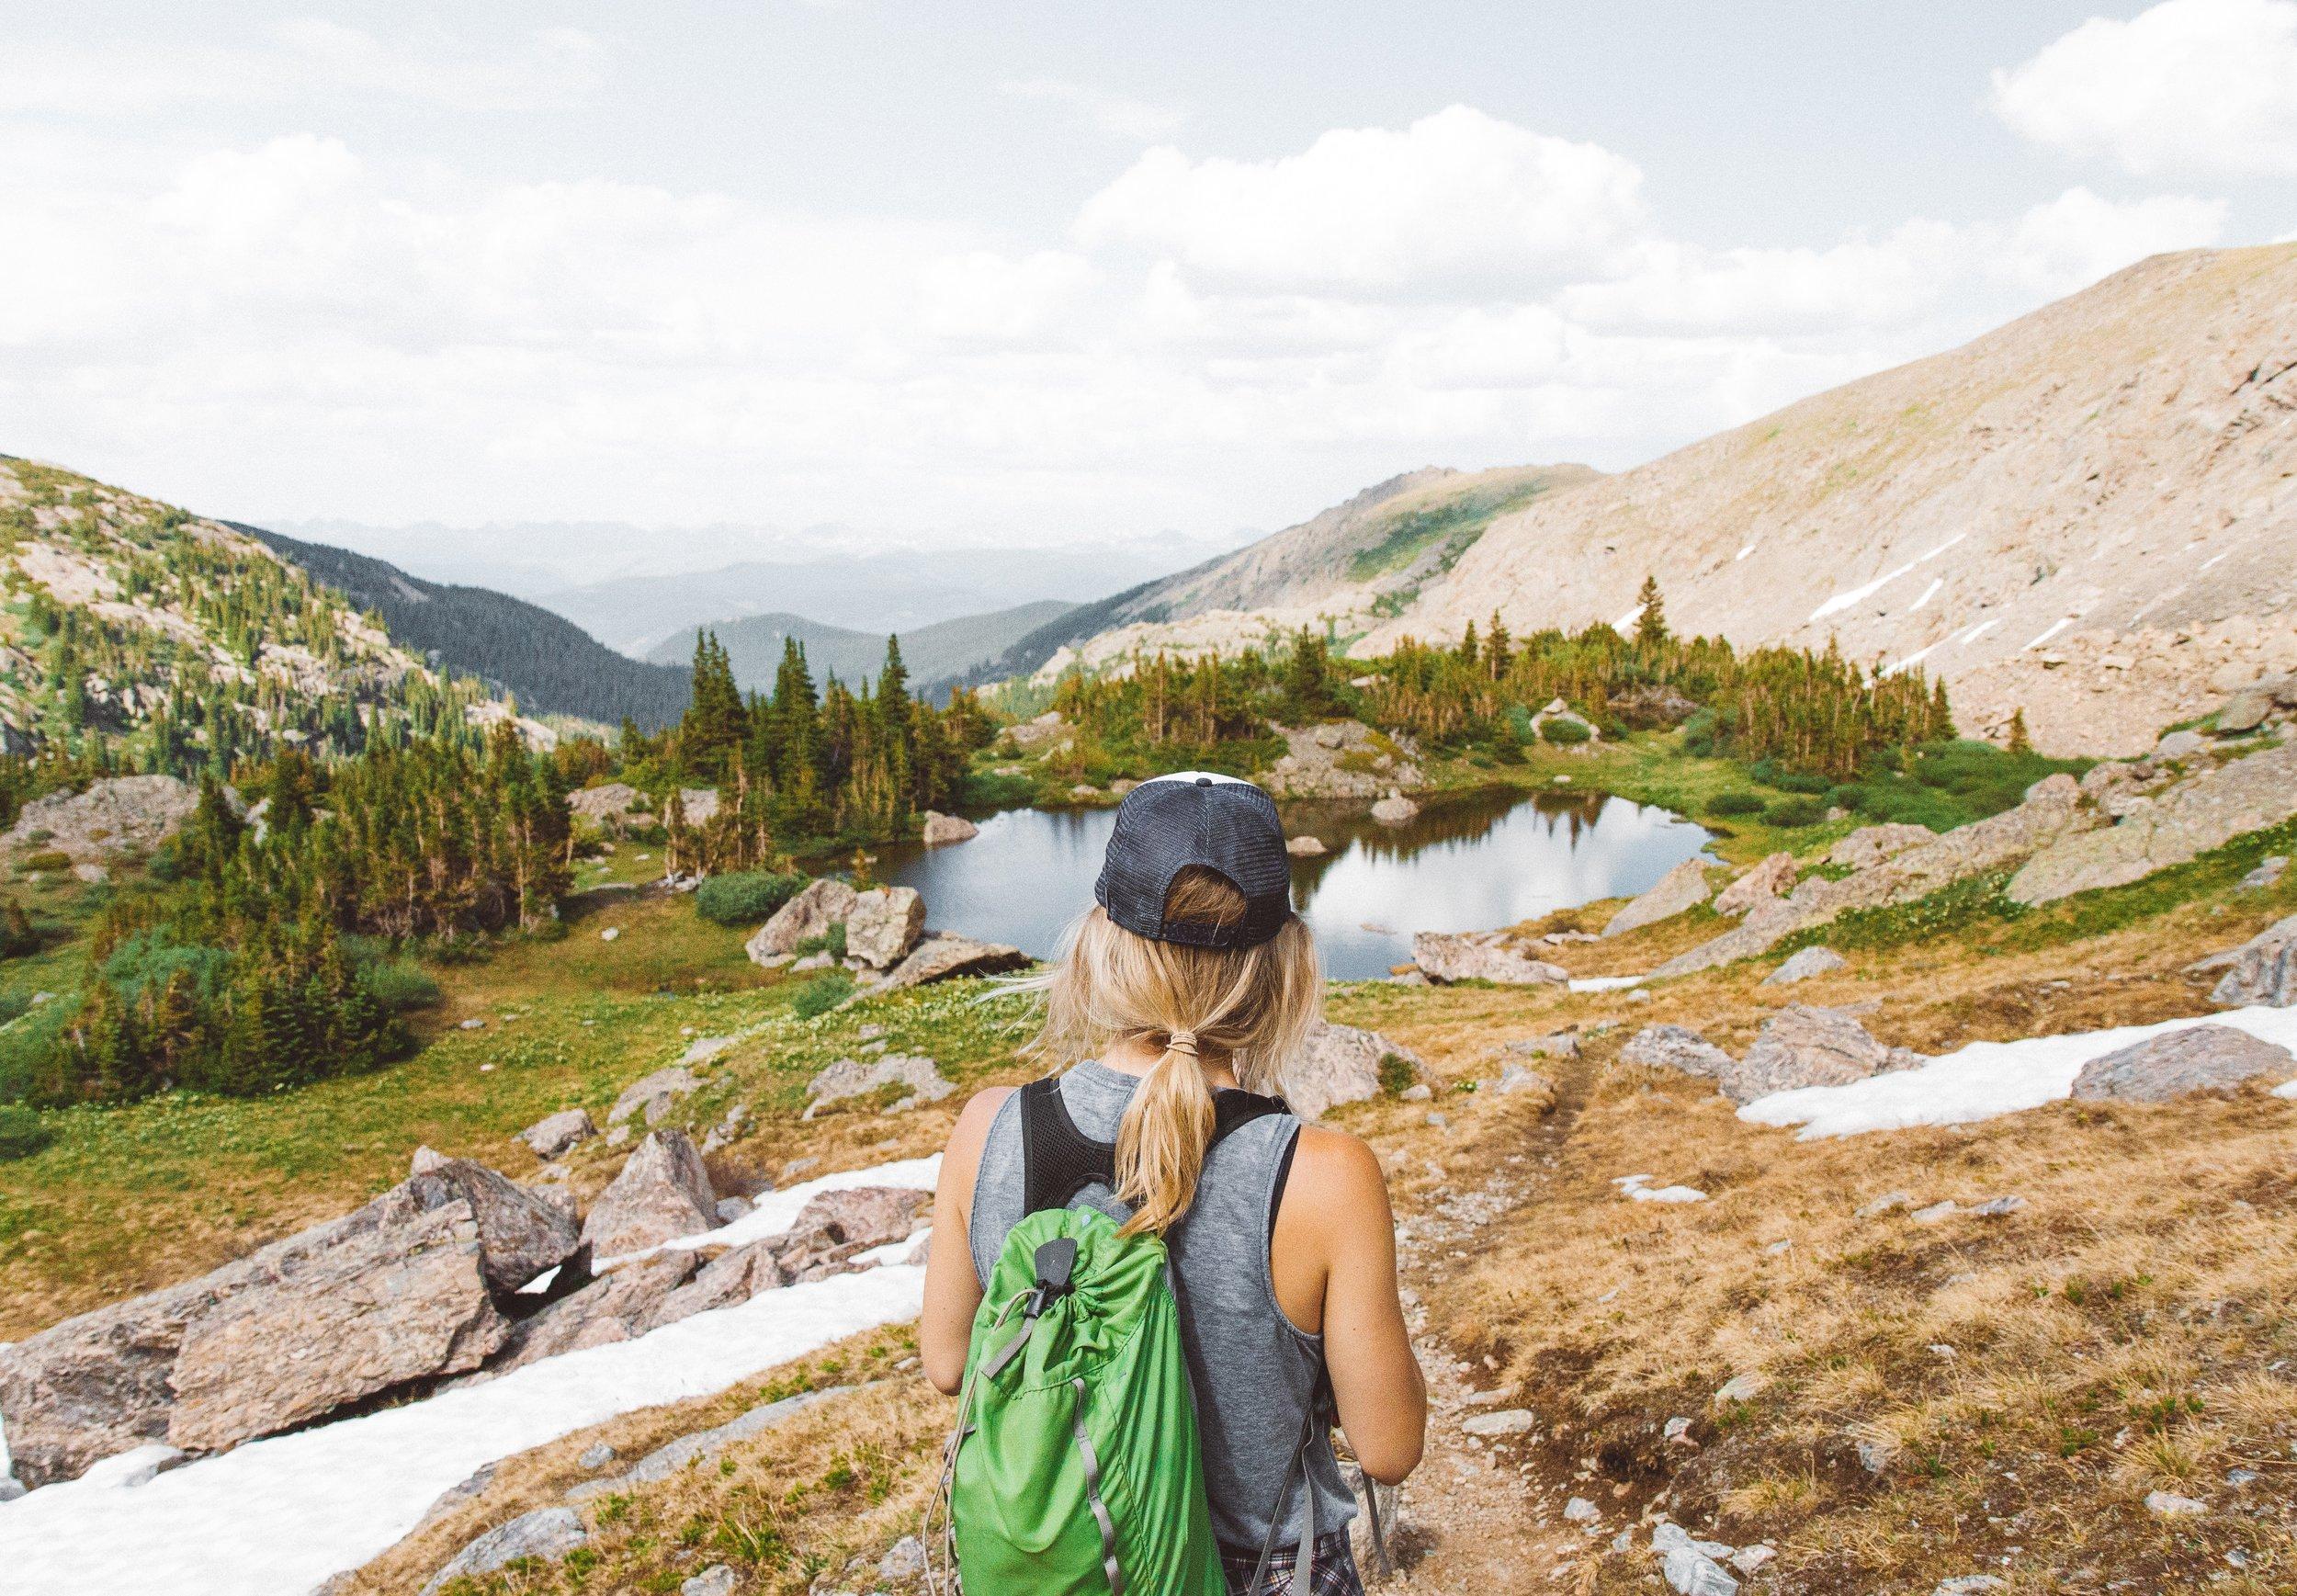 woman hiking through mountains